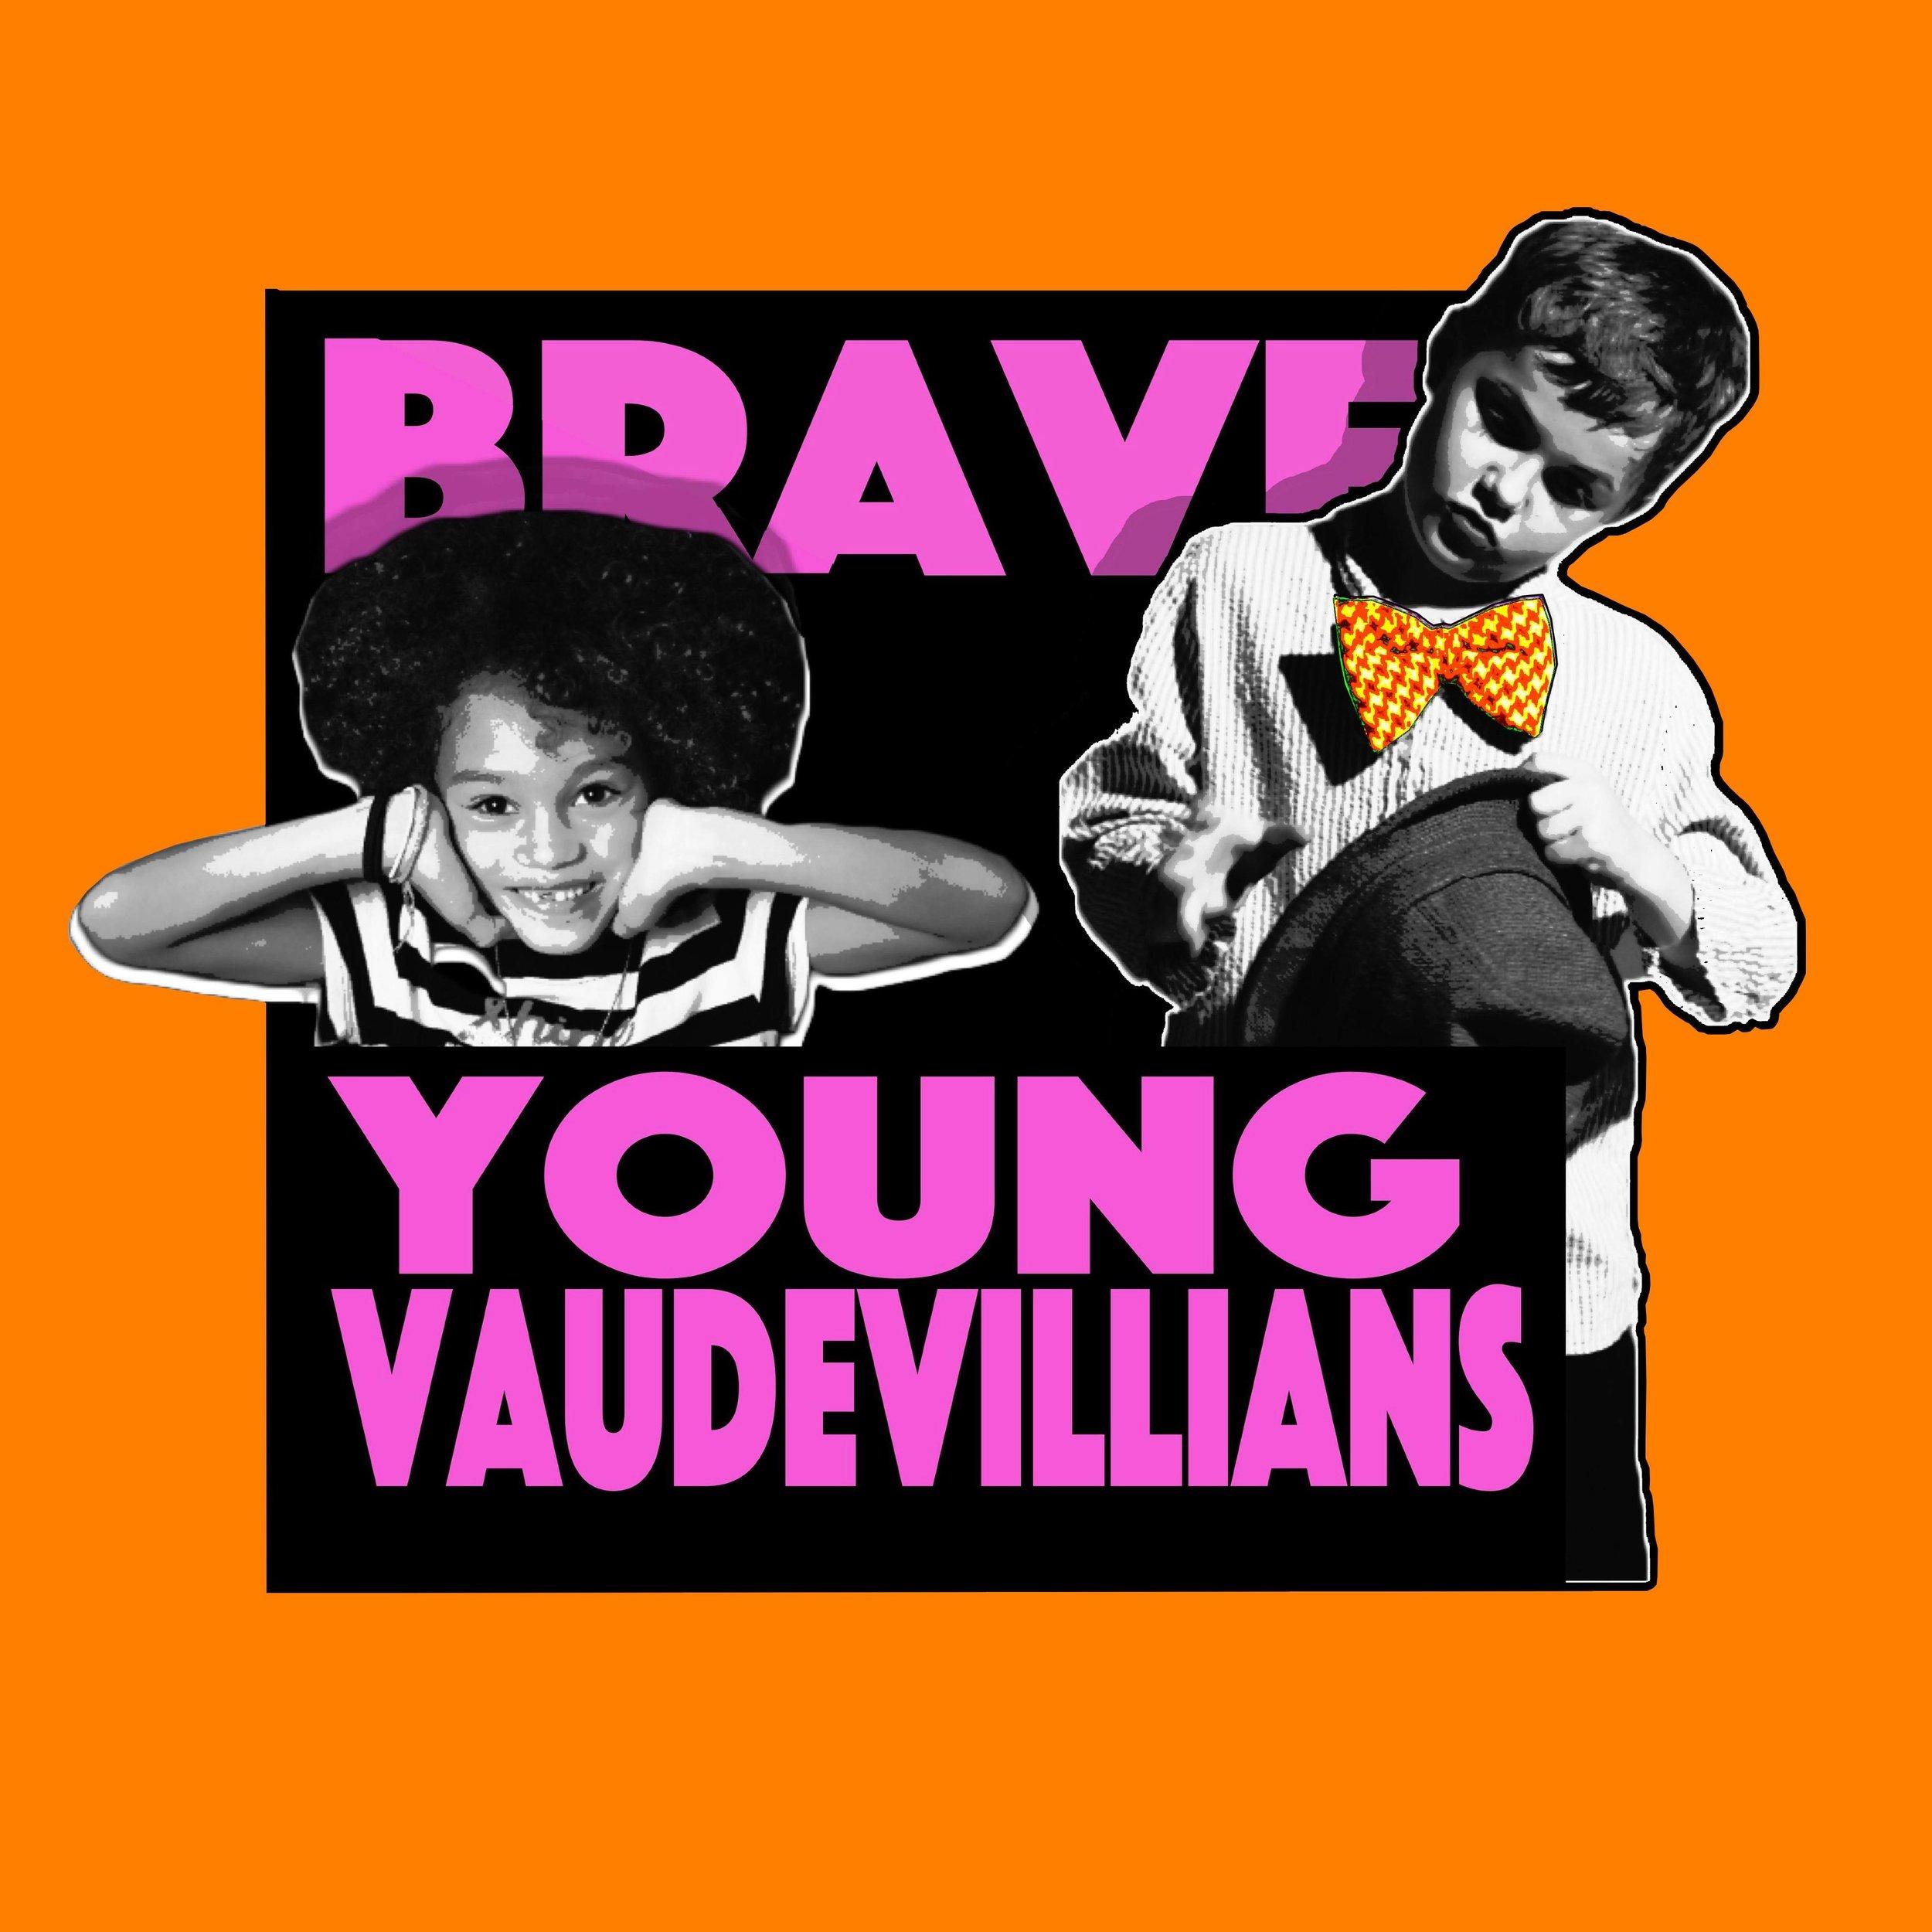 Brave Young Vaudevillians - AGES 6-9